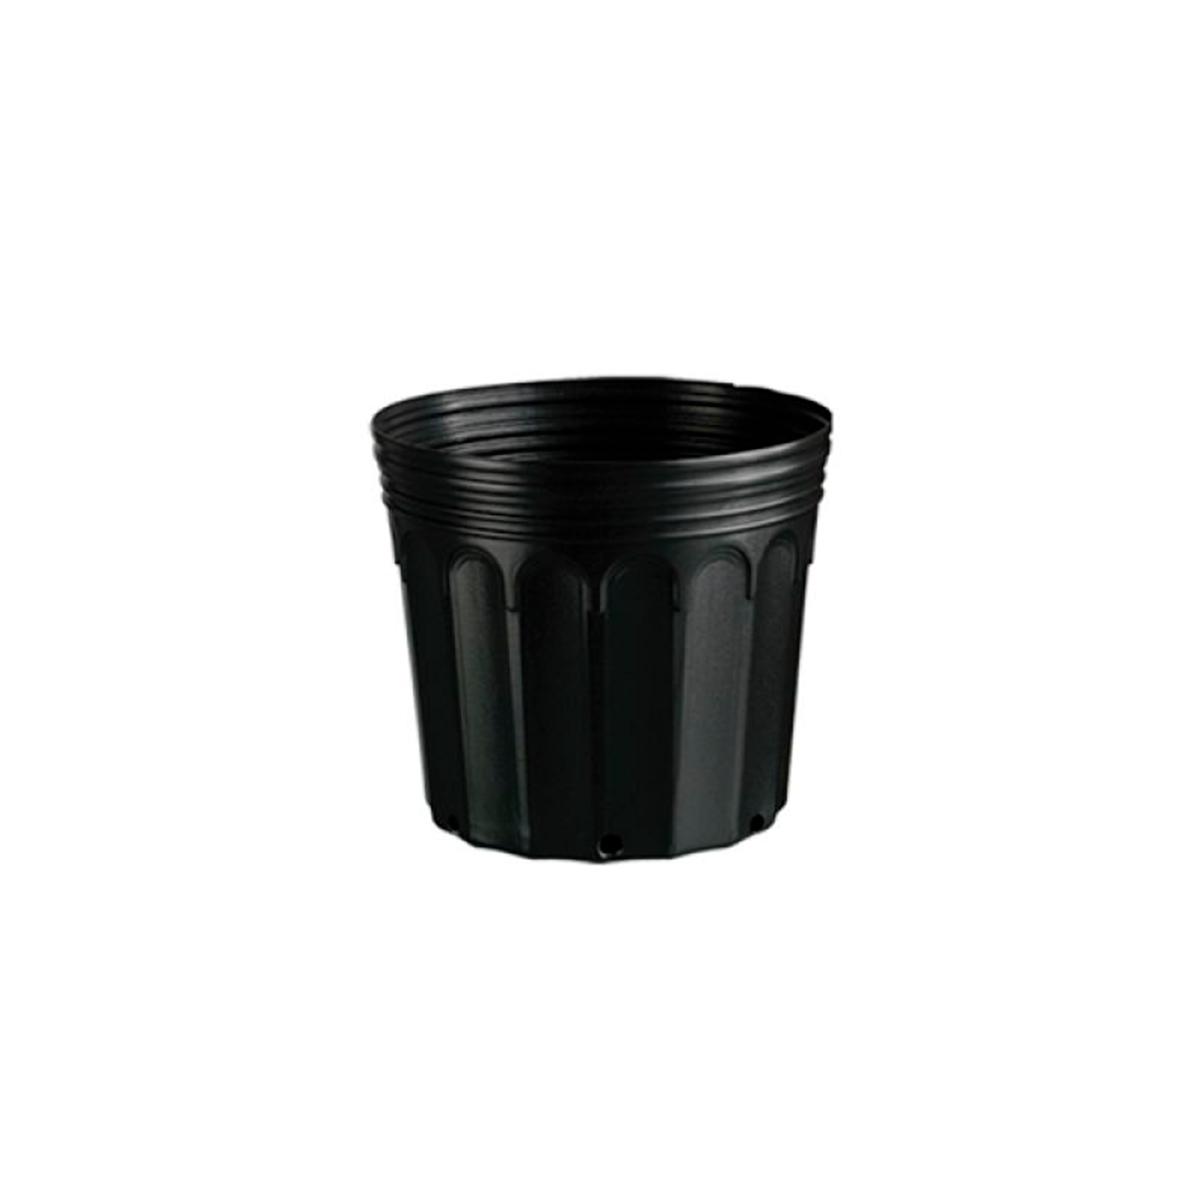 Kit com 35 Embalagem para Mudas Vaso Sem Alça 11 Litros